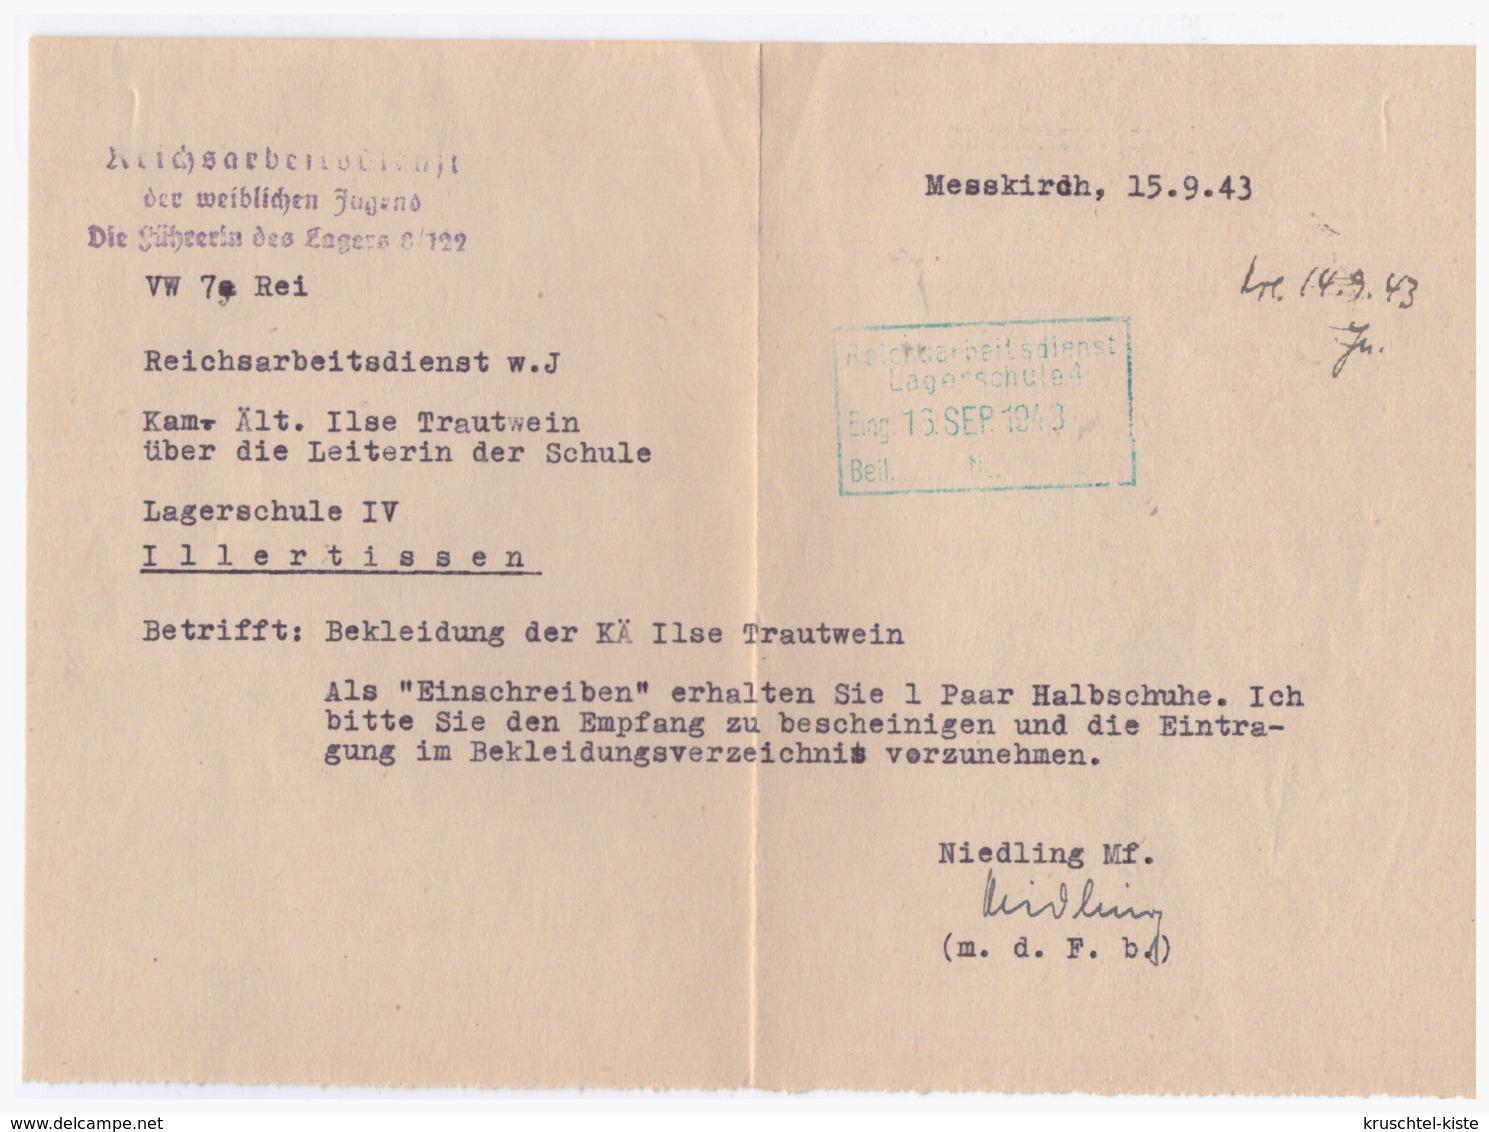 Dt.-Reich (002965) Propaganda Reichsarbeiterschaft Der Weiblichen Jugend, Die Führerin Des Lagers 8/122, Lagerschule IV - Germany